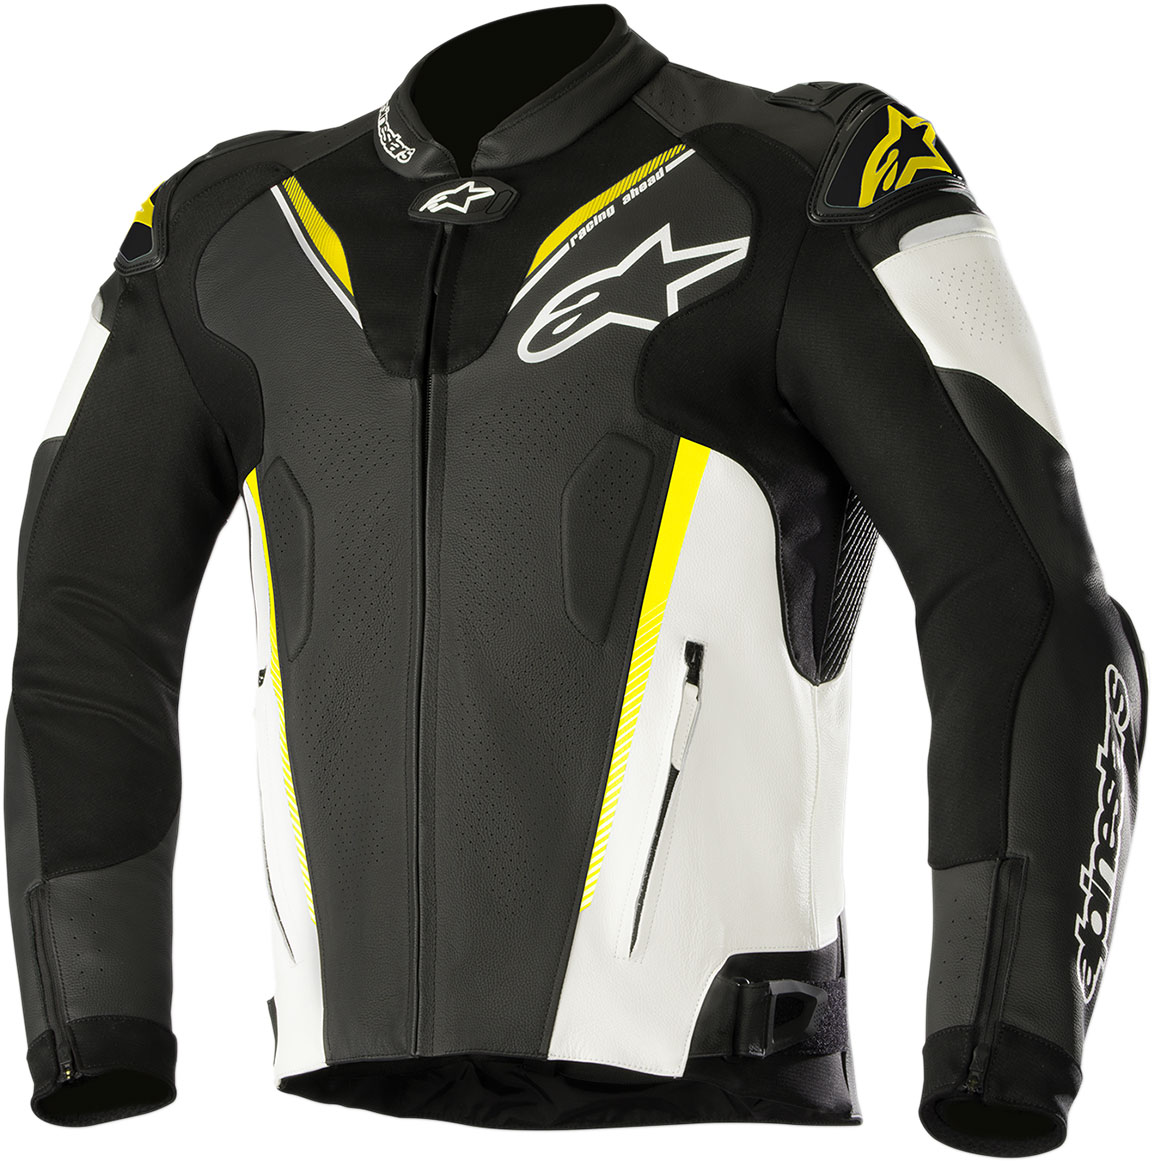 Alpinestars ATEM v3 Leather Jacket w/Aero Hump (Black/White/Flo Yellow)